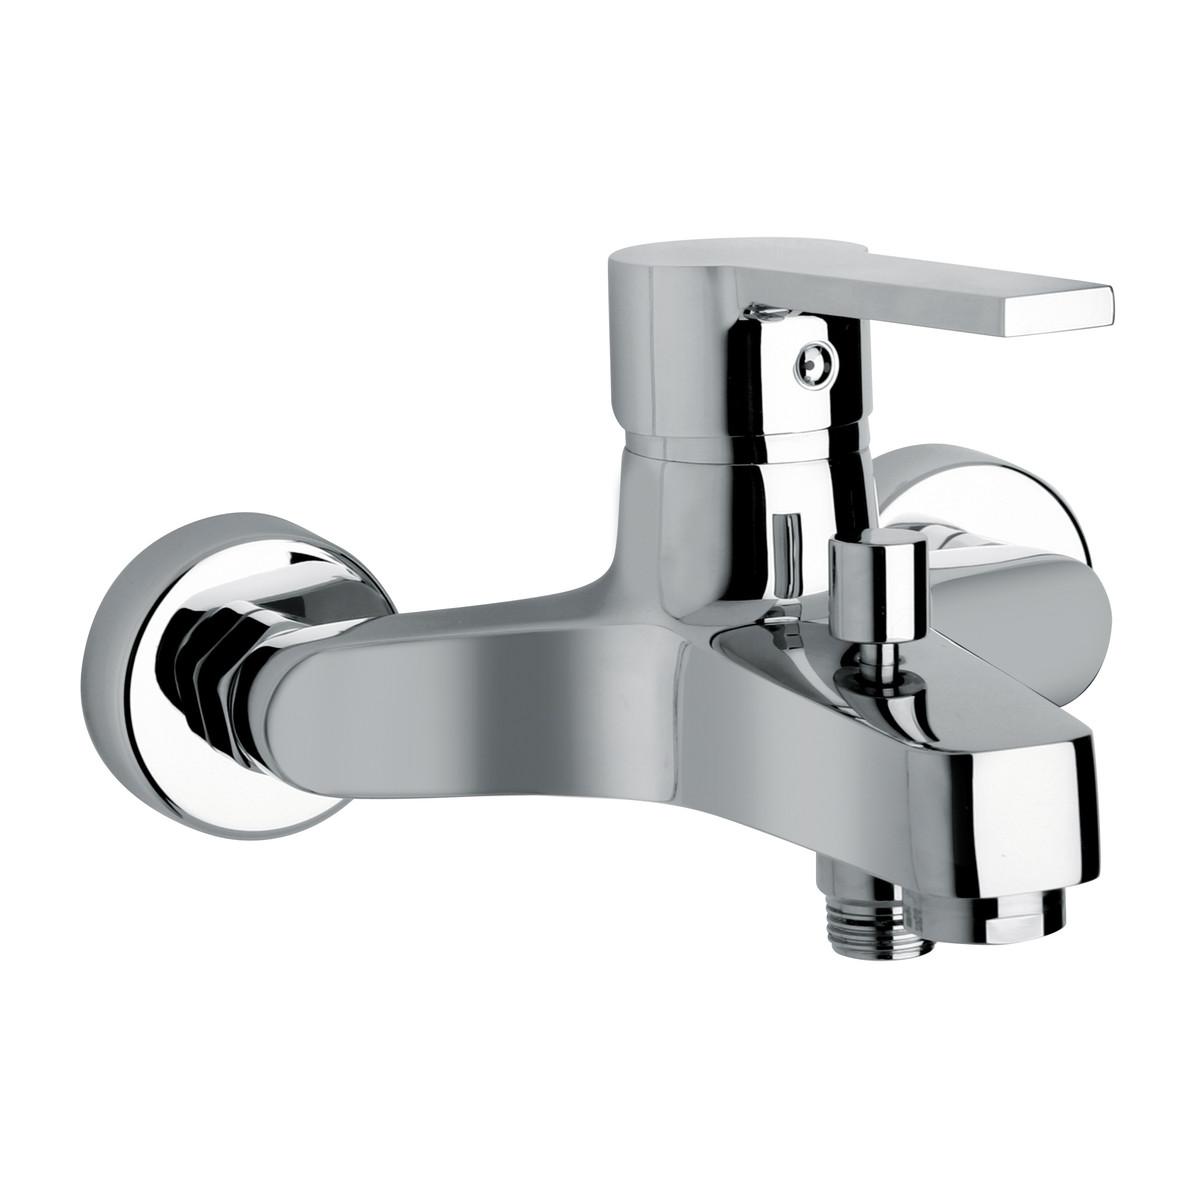 Homegarden miscelatore rubinetto vasca finitura cromo for Flessibile leroy merlin